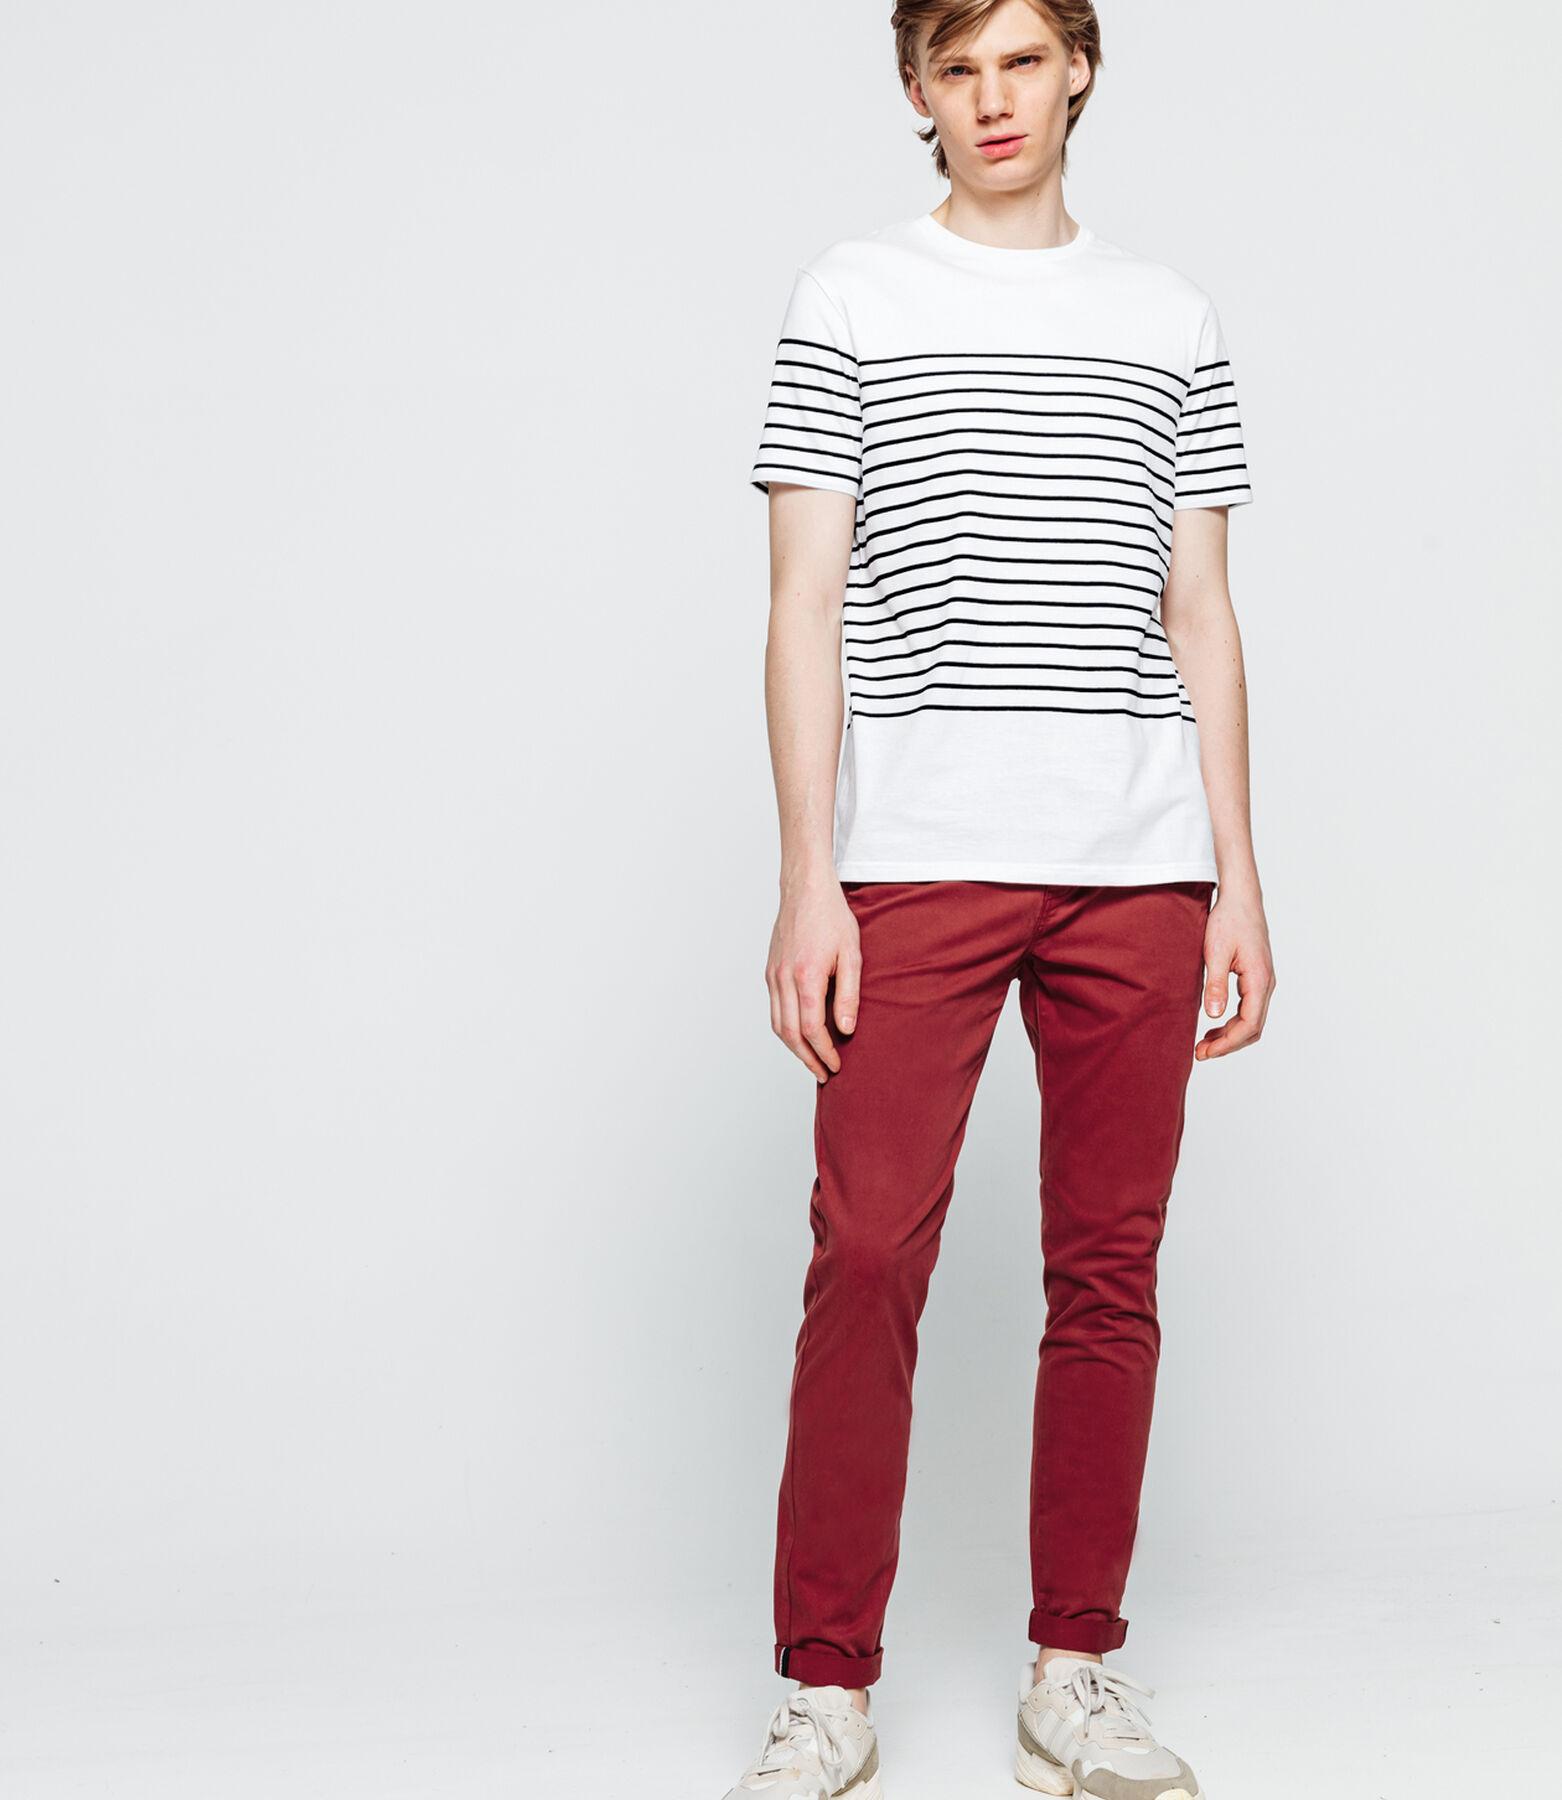 T-shirt marinière manche courtes